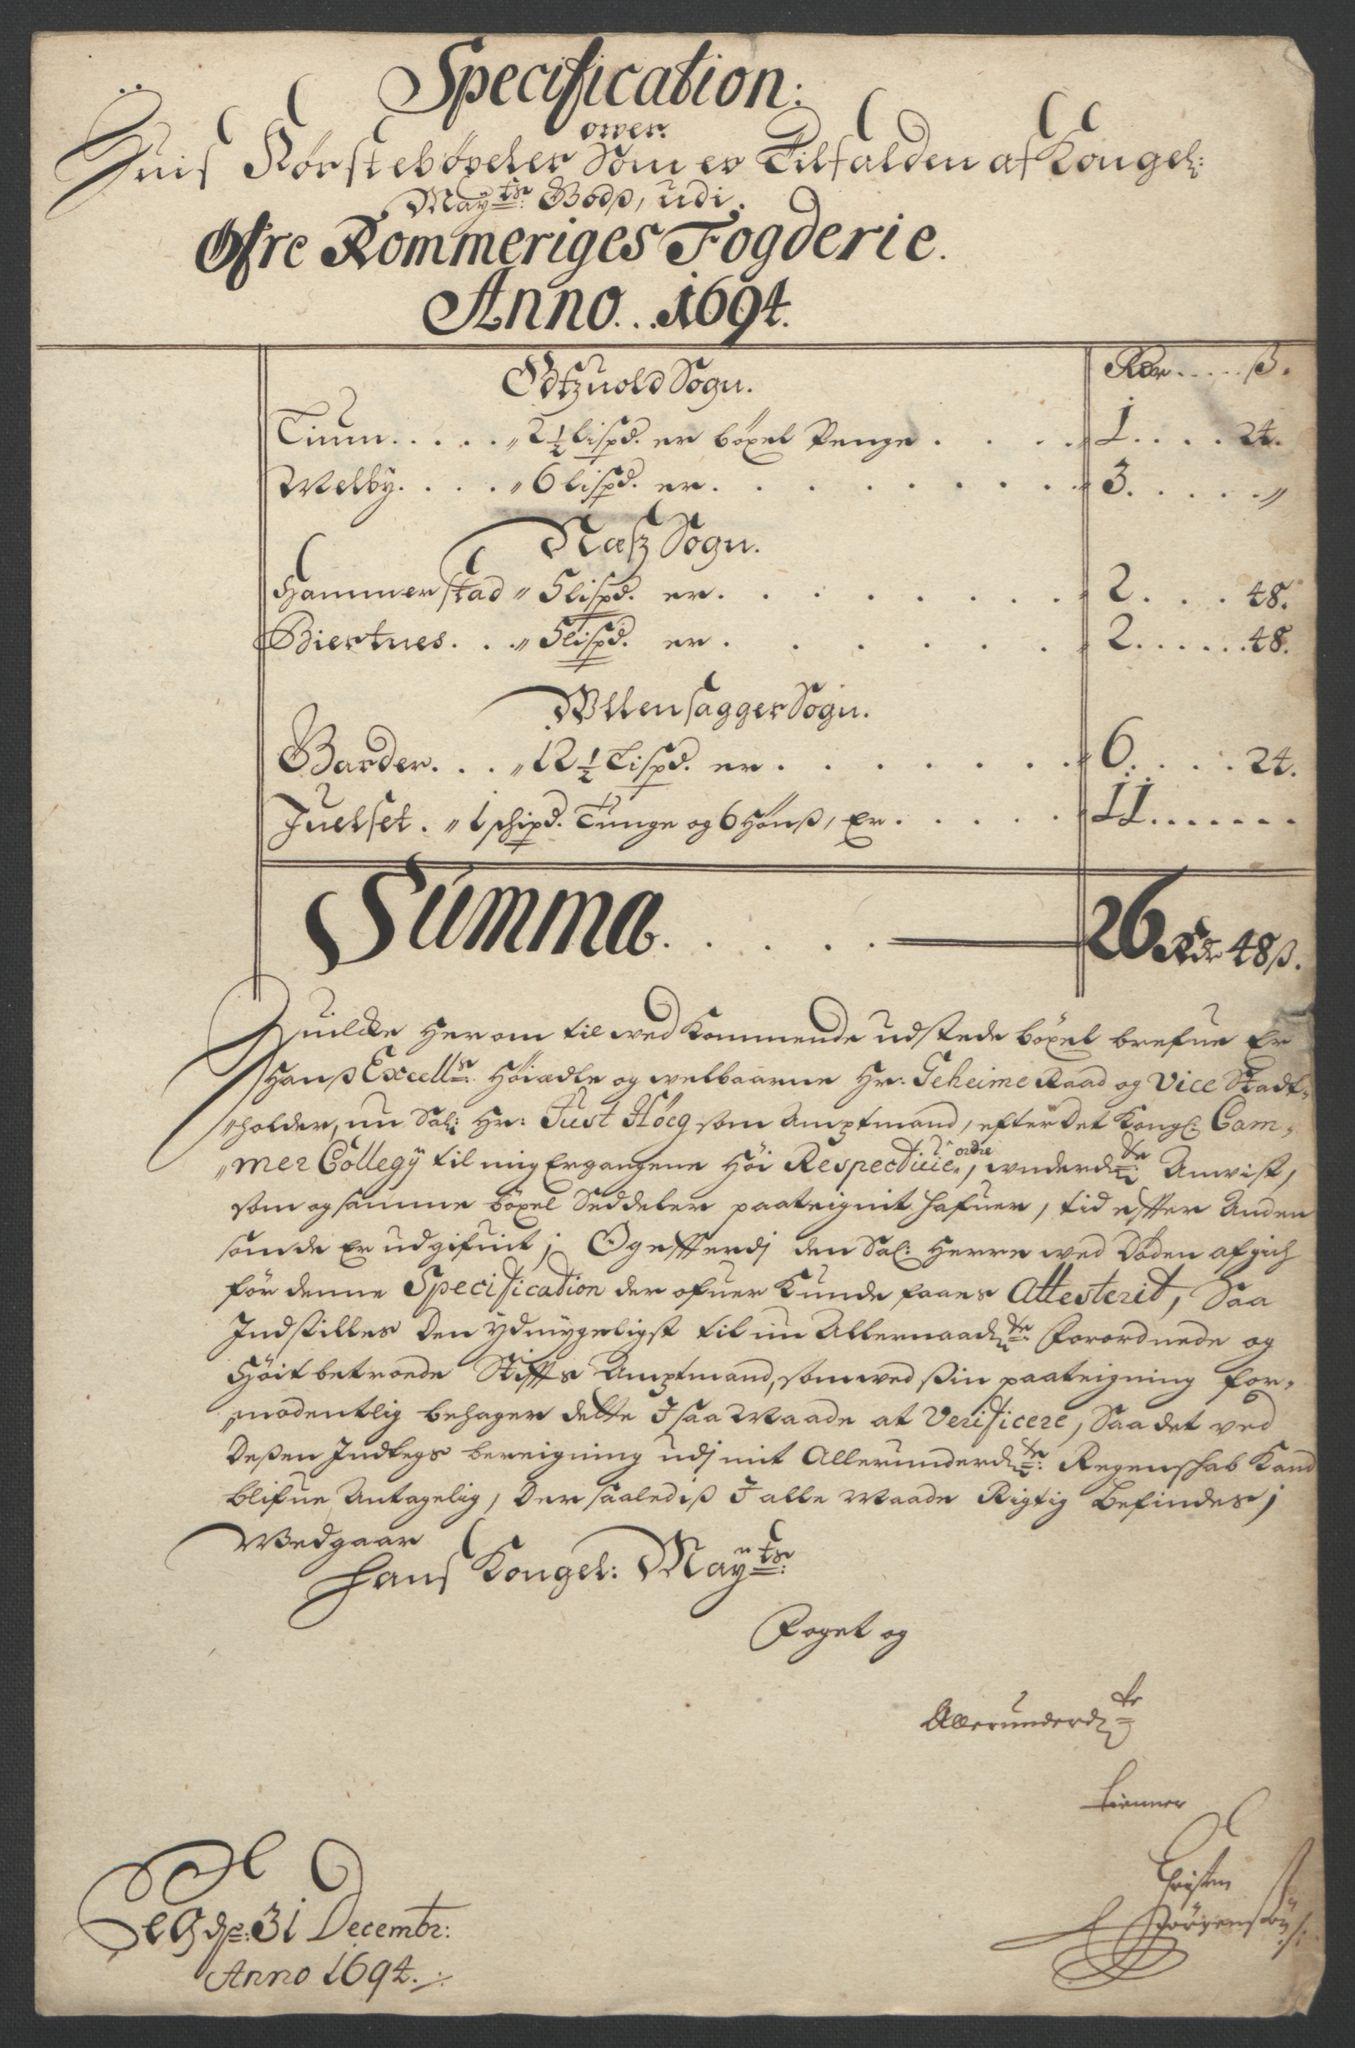 RA, Rentekammeret inntil 1814, Reviderte regnskaper, Fogderegnskap, R12/L0706: Fogderegnskap Øvre Romerike, 1694, s. 19